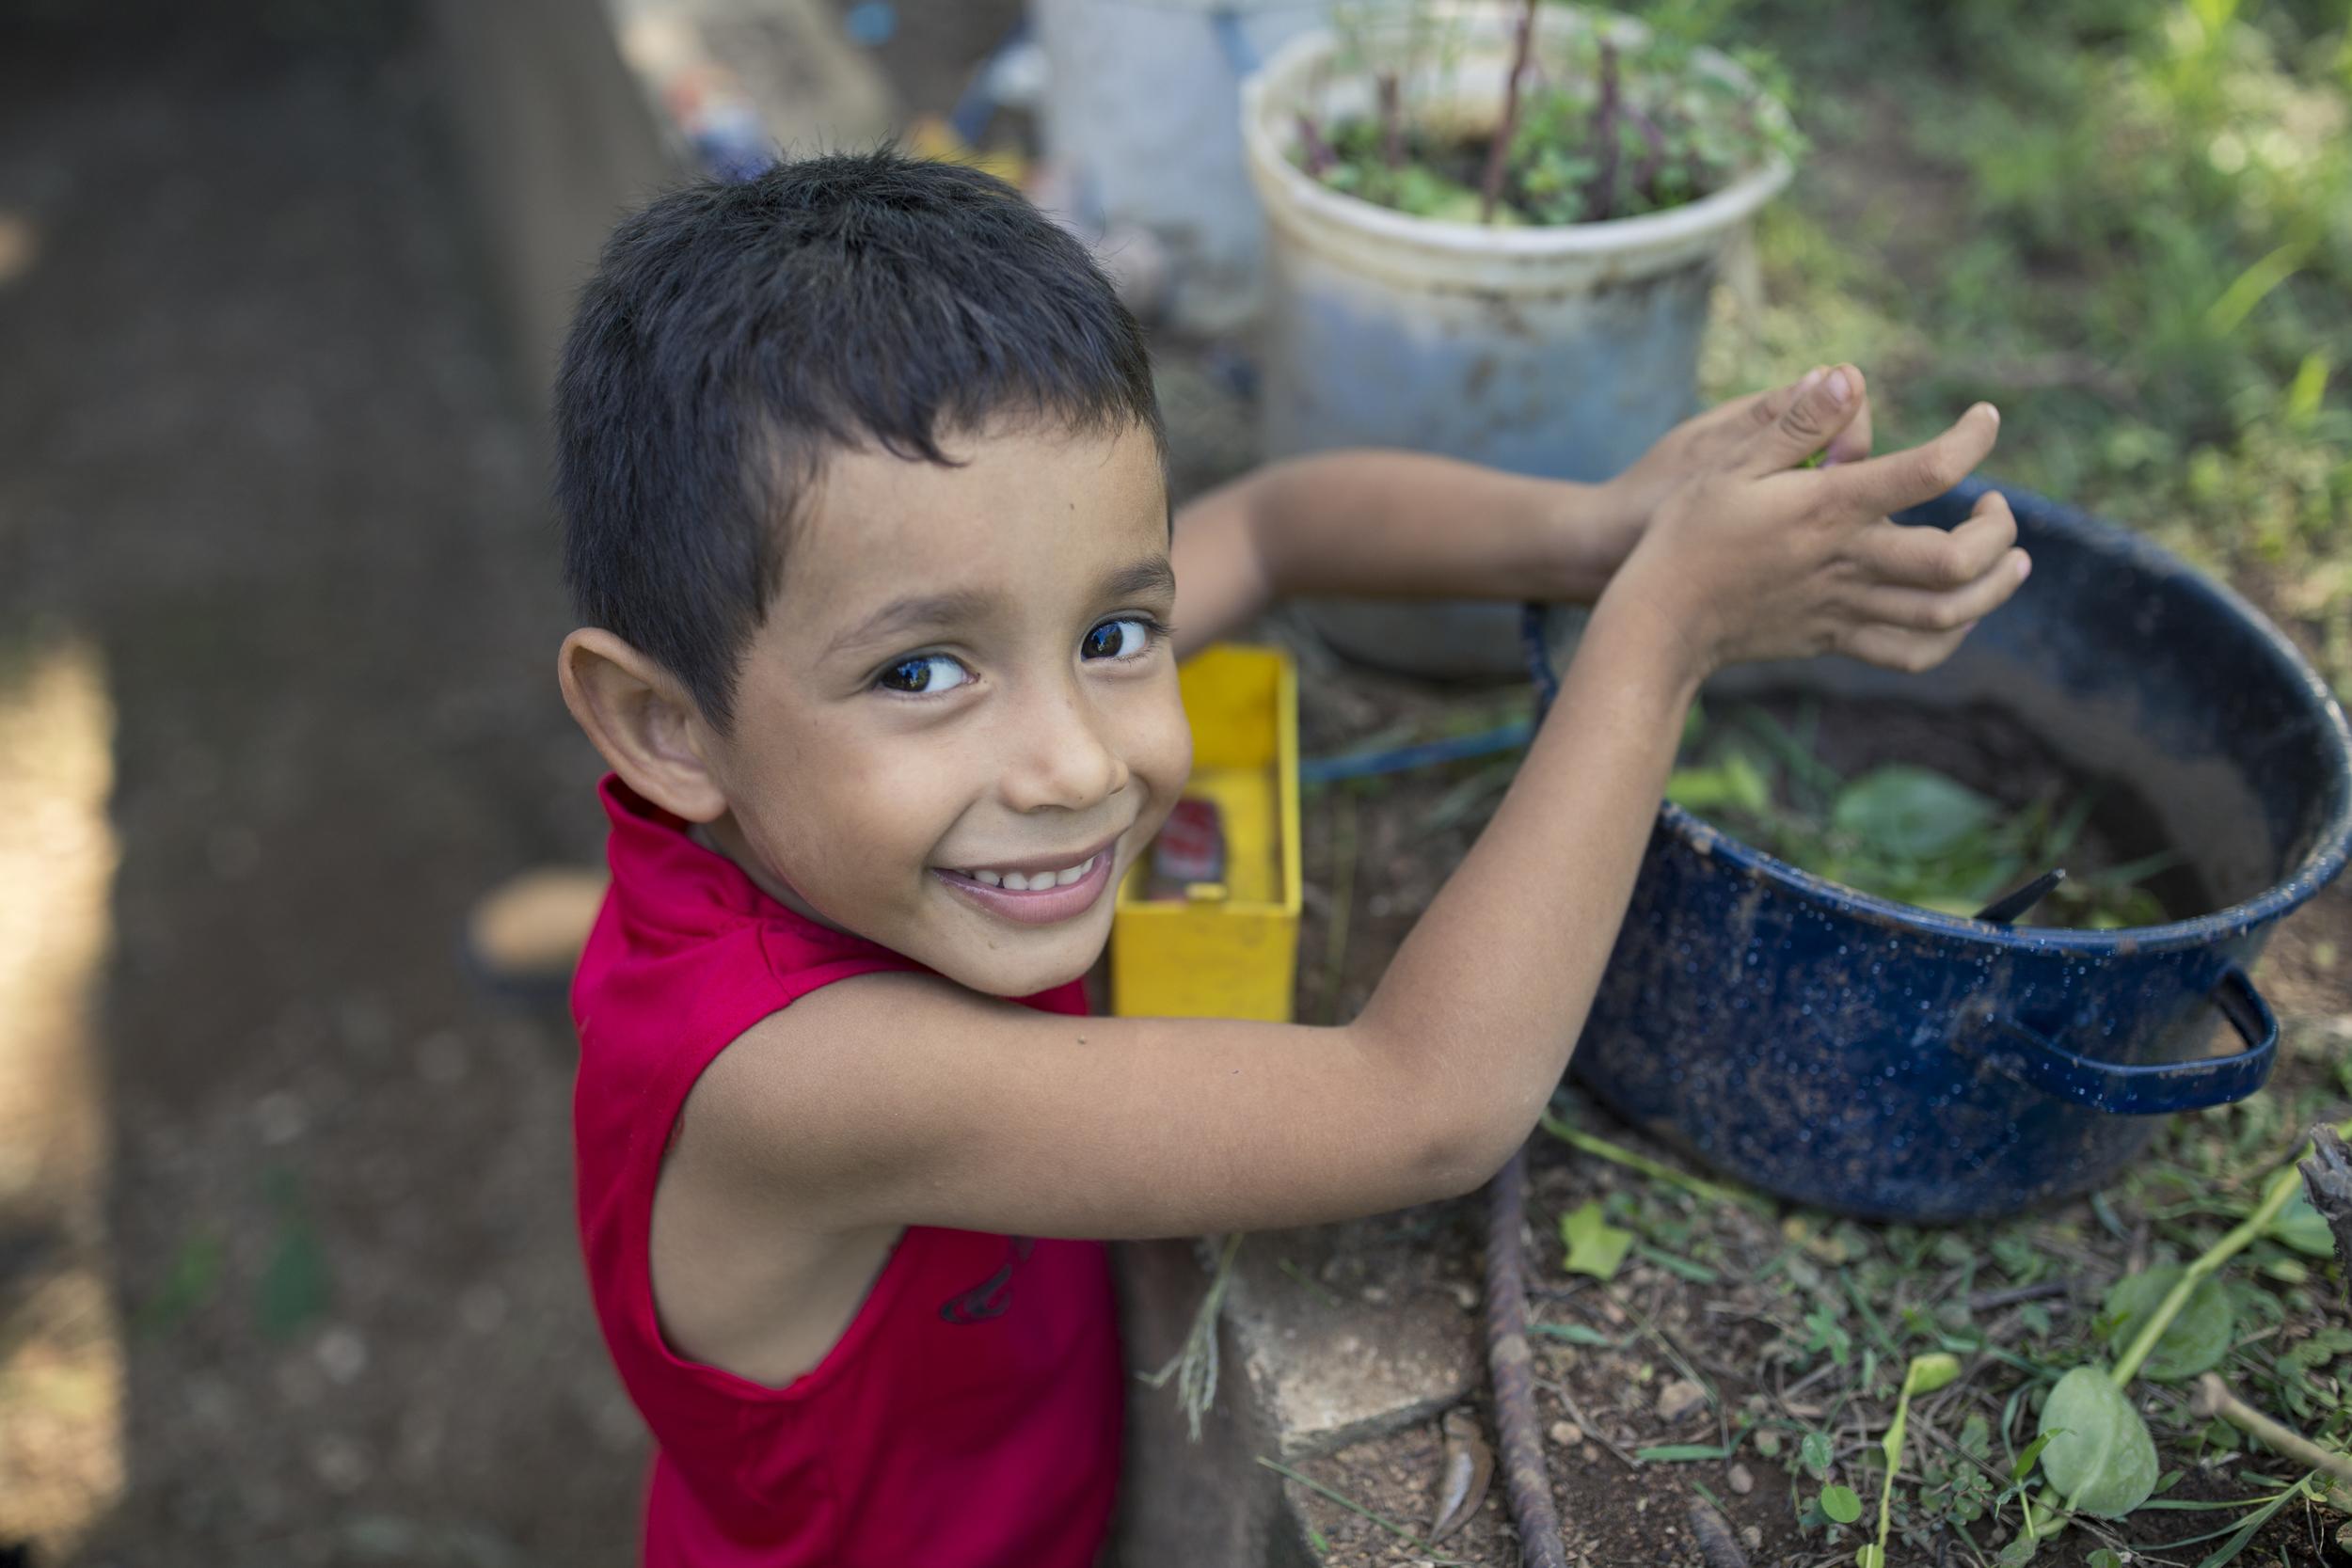 Nieto de doña Zeneida, Aren Josué, de 4 años, juega en la espera de conocer a su nueva hermana.